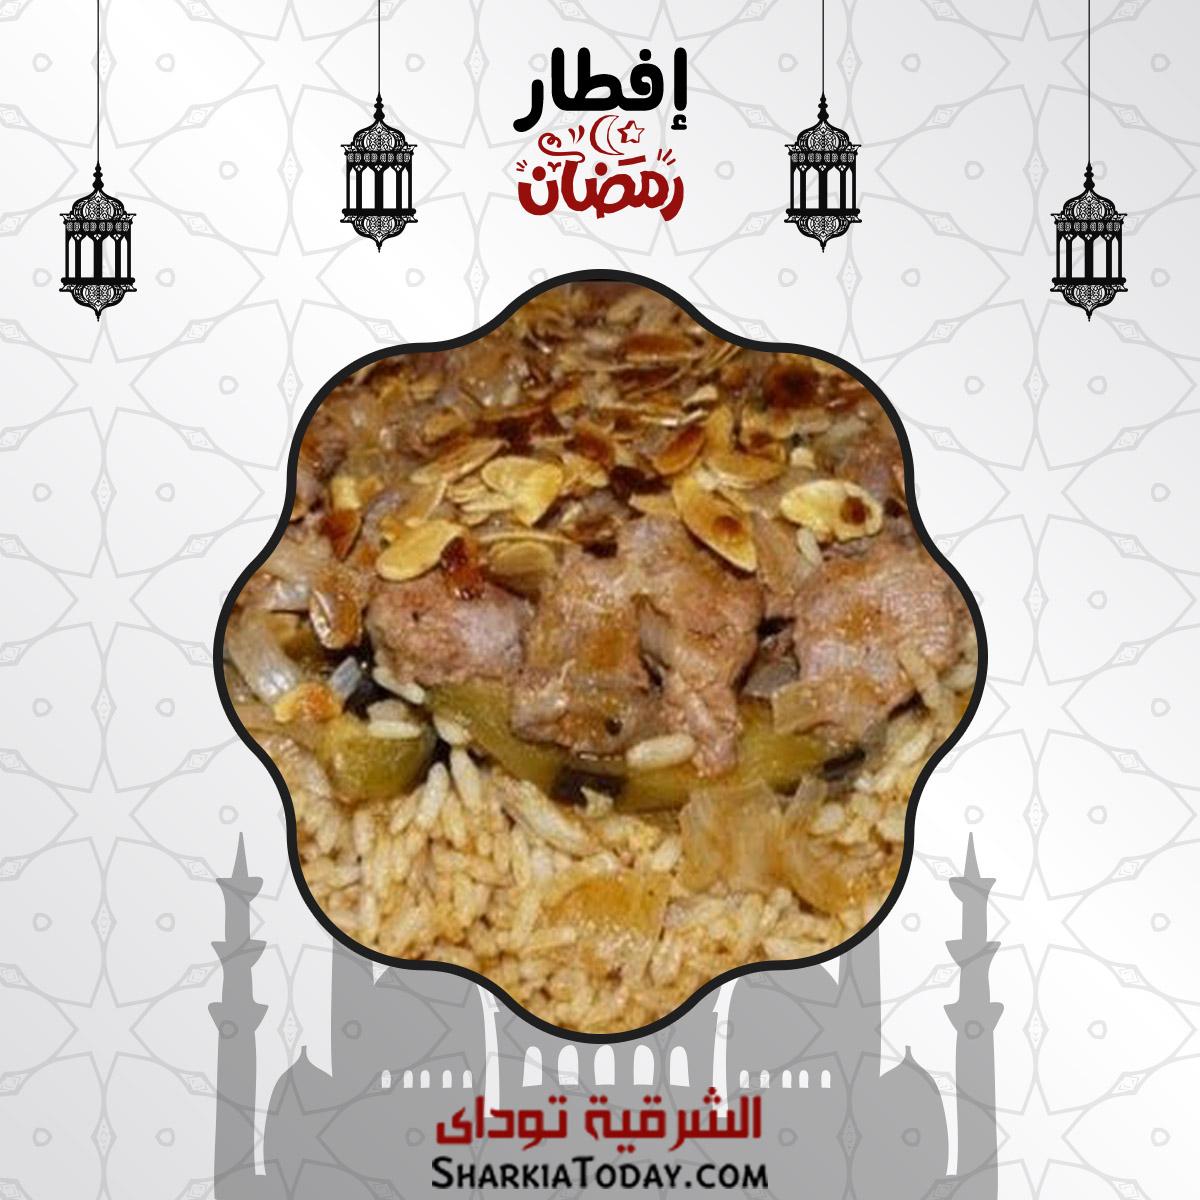 صورة افطار 29 رمضان | مقلوبة الباذنجان باللحمة الضاني